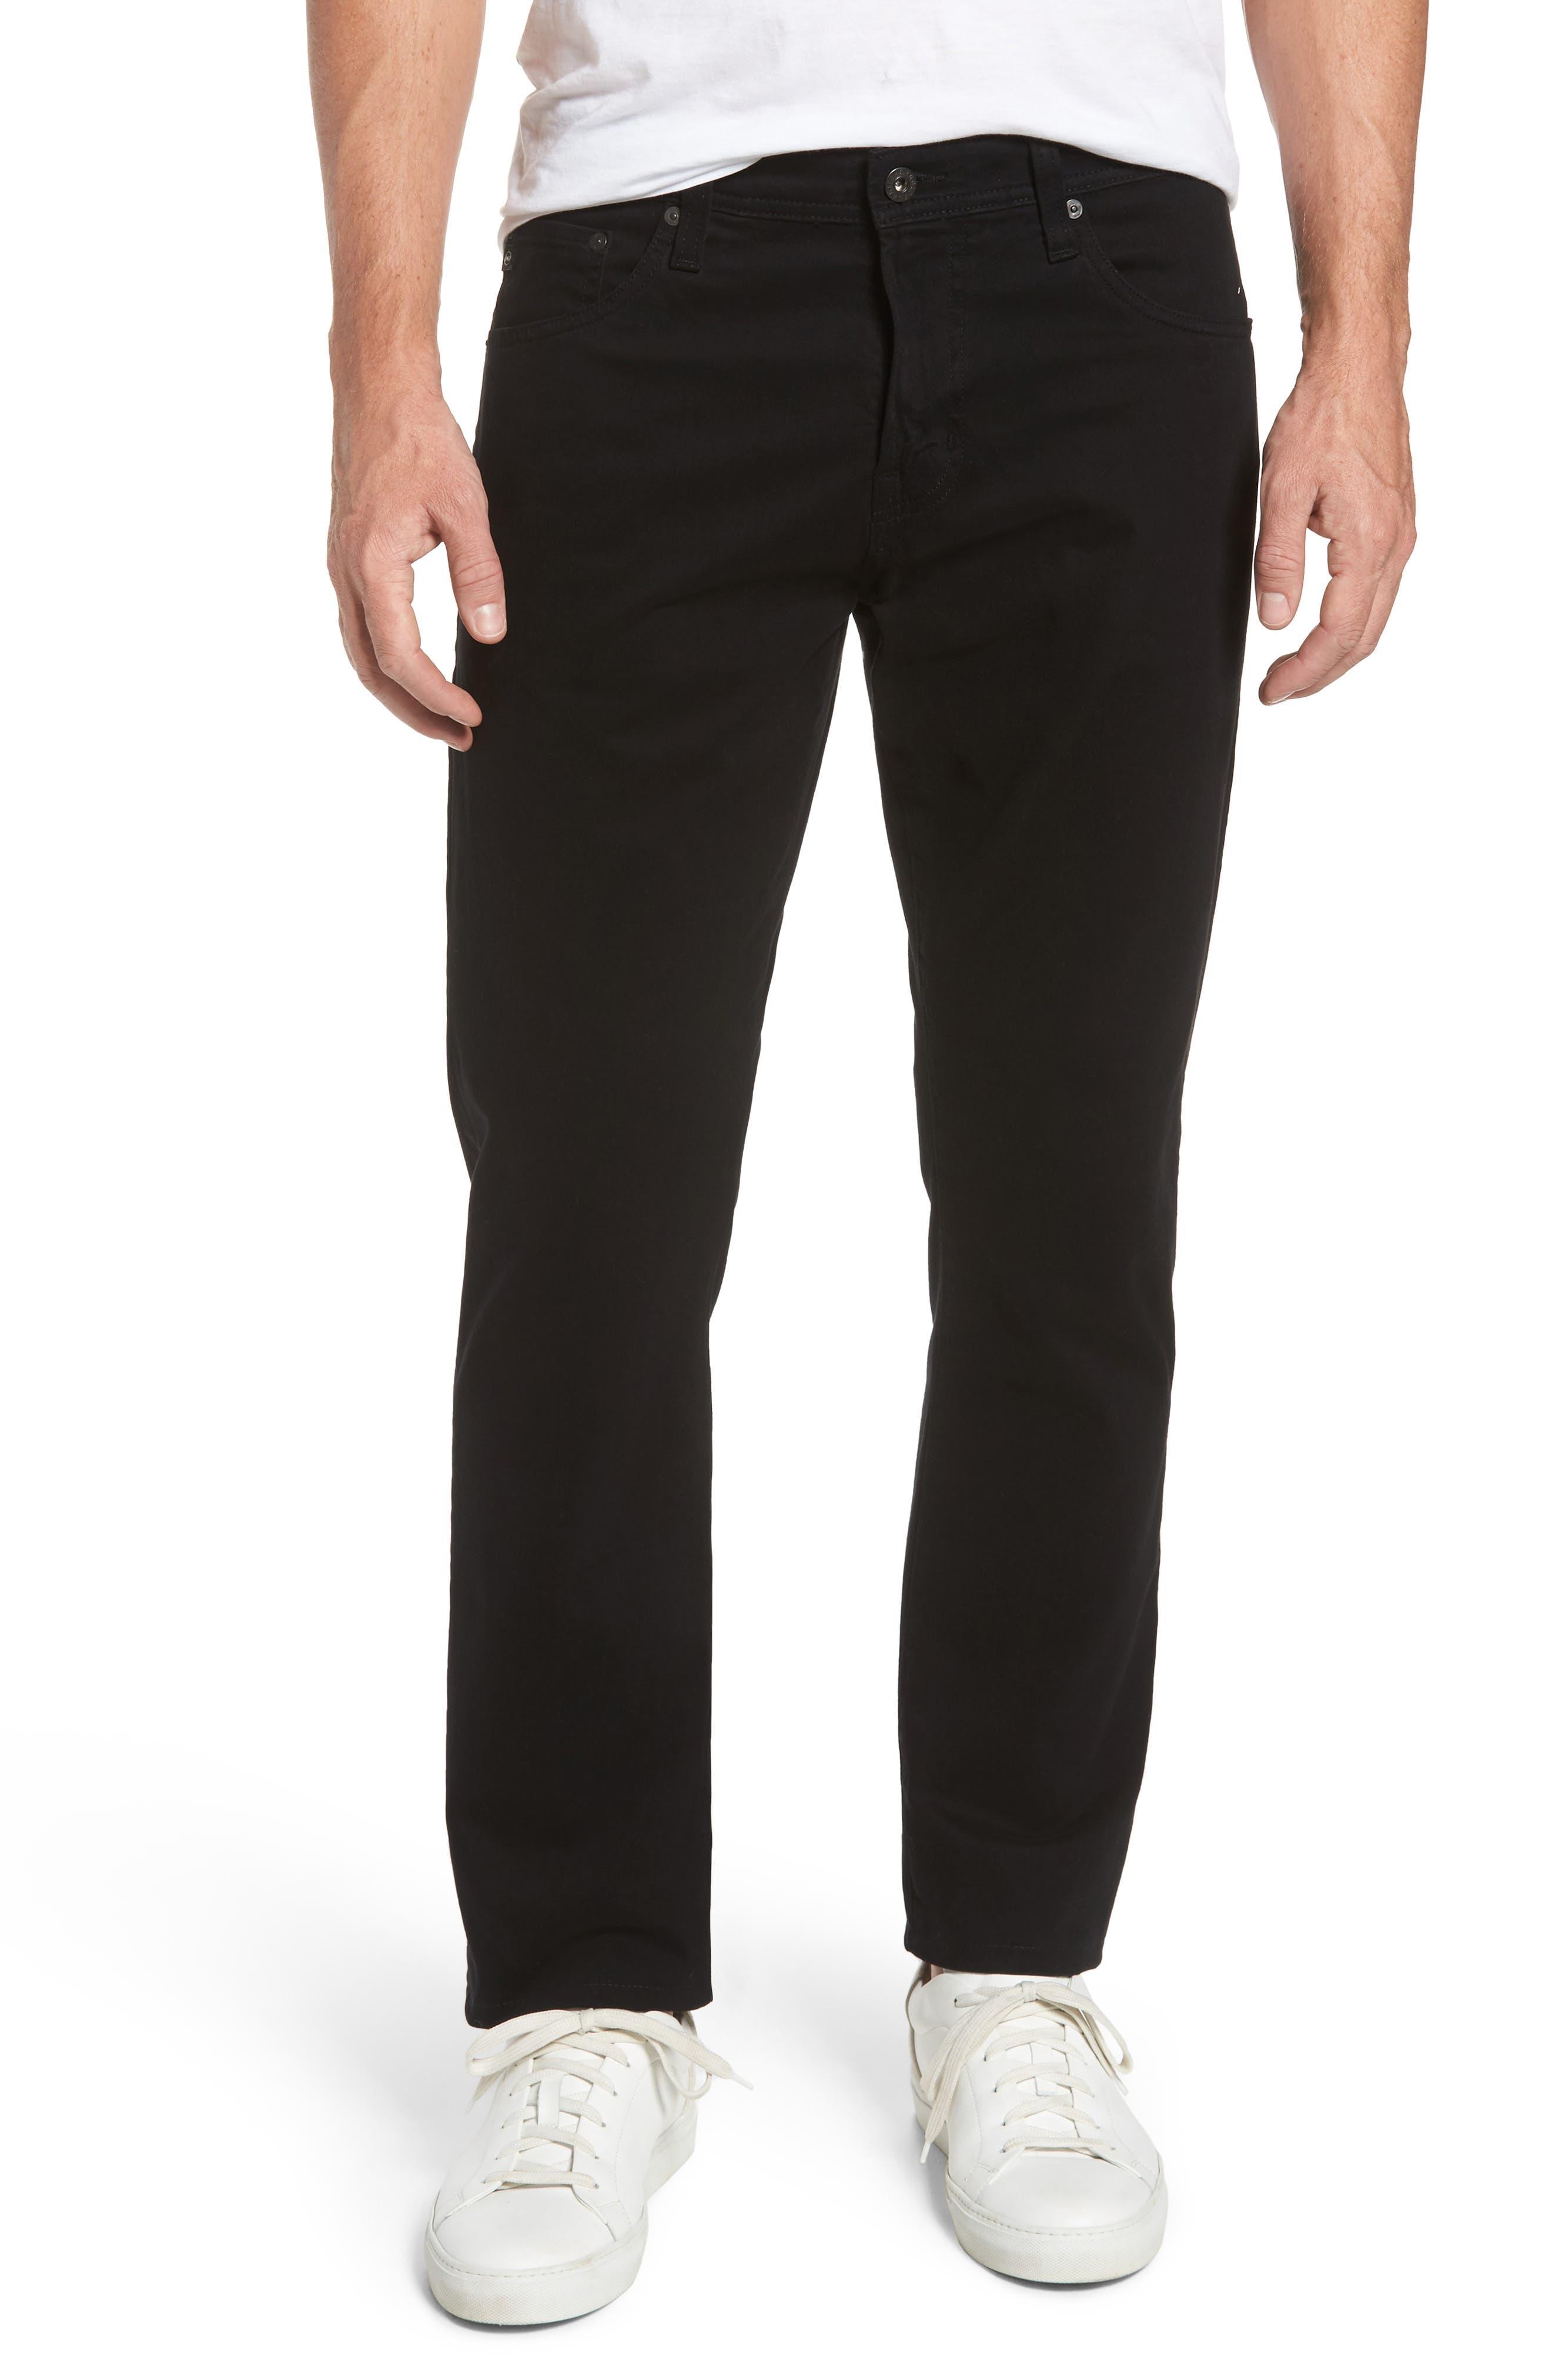 AG, Ives SUD Straight Leg Pants, Main thumbnail 1, color, 010